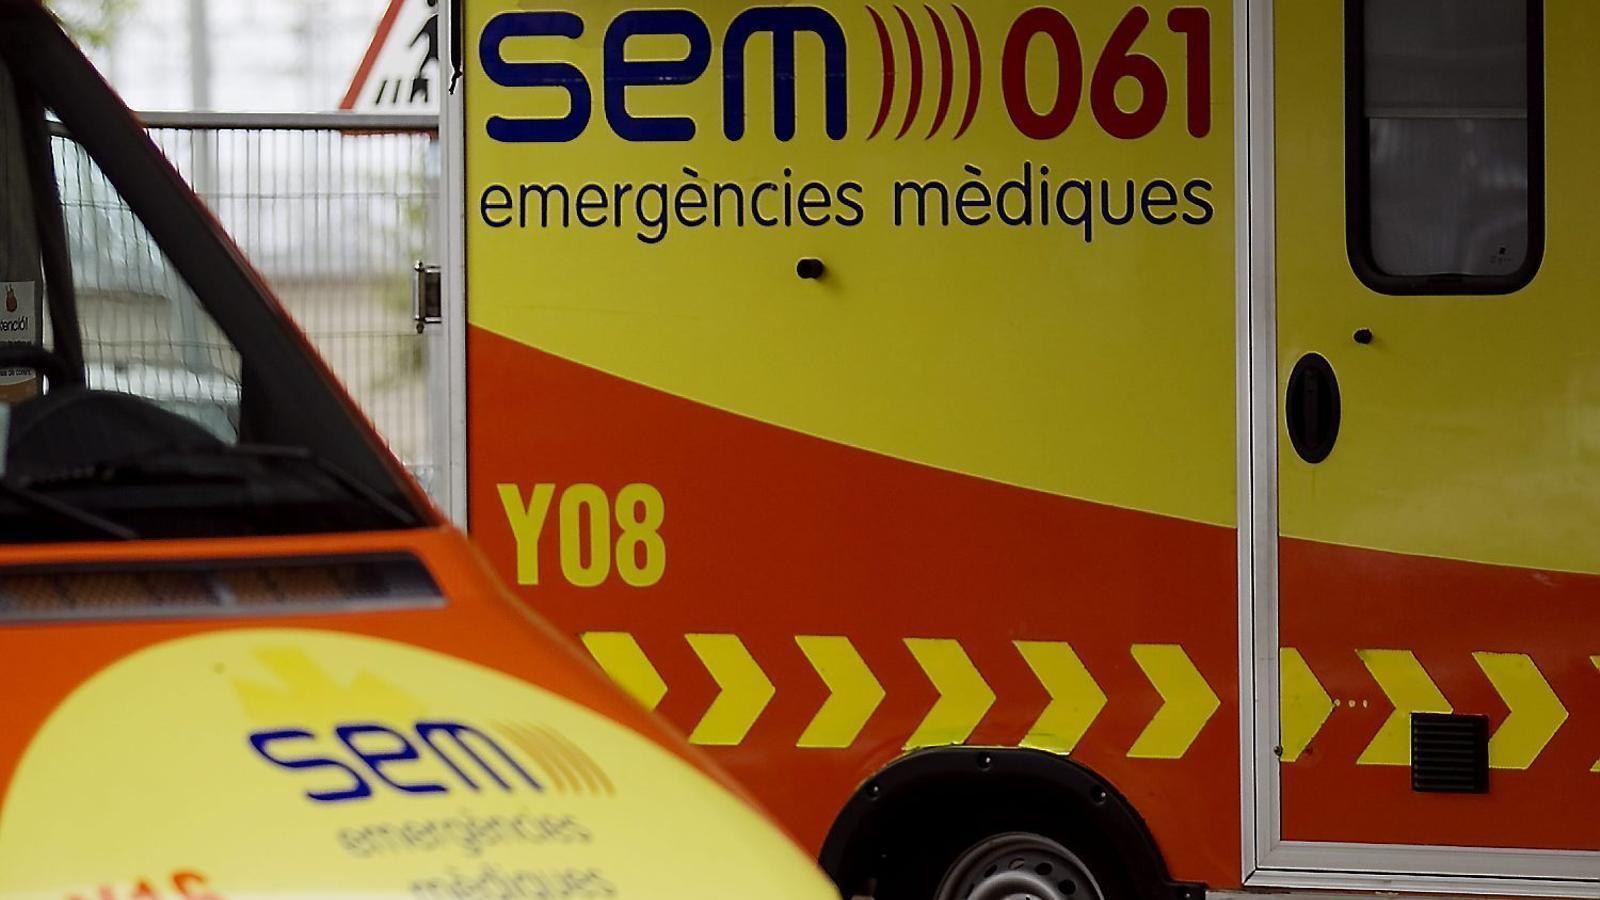 Tres accidents mortals en 10 hores a les carreteres provoquen la mort de dos motoristes i el conductor d'un patinet